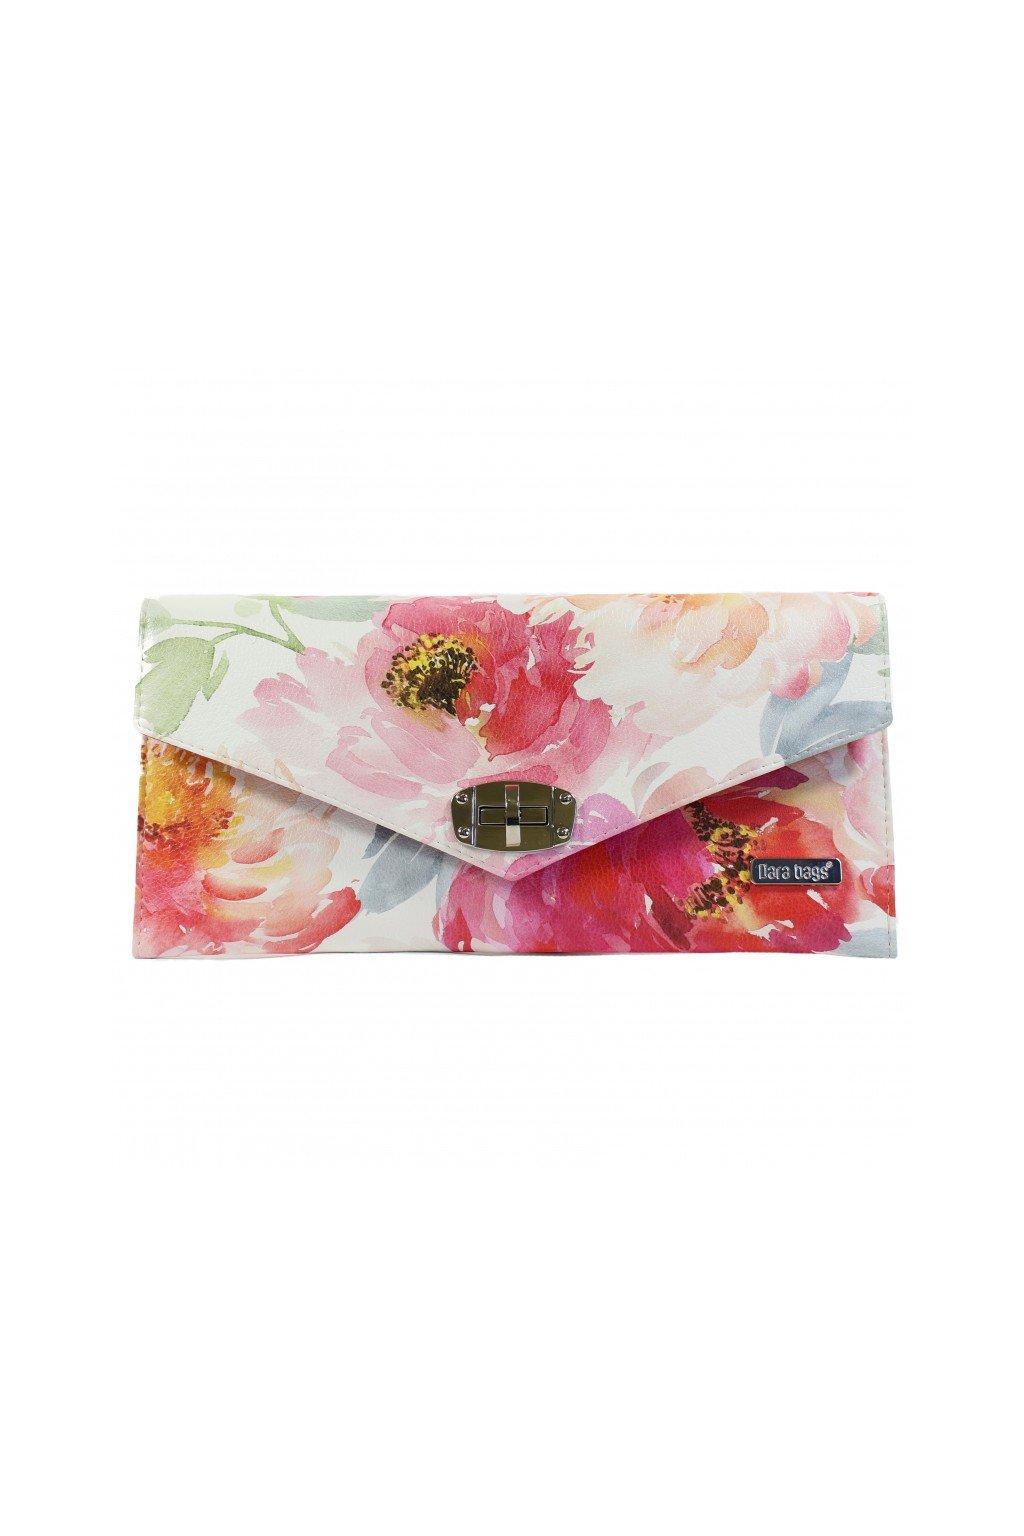 Pestrobarevna kvetinova kabelka Malibu Classy ruzova 1